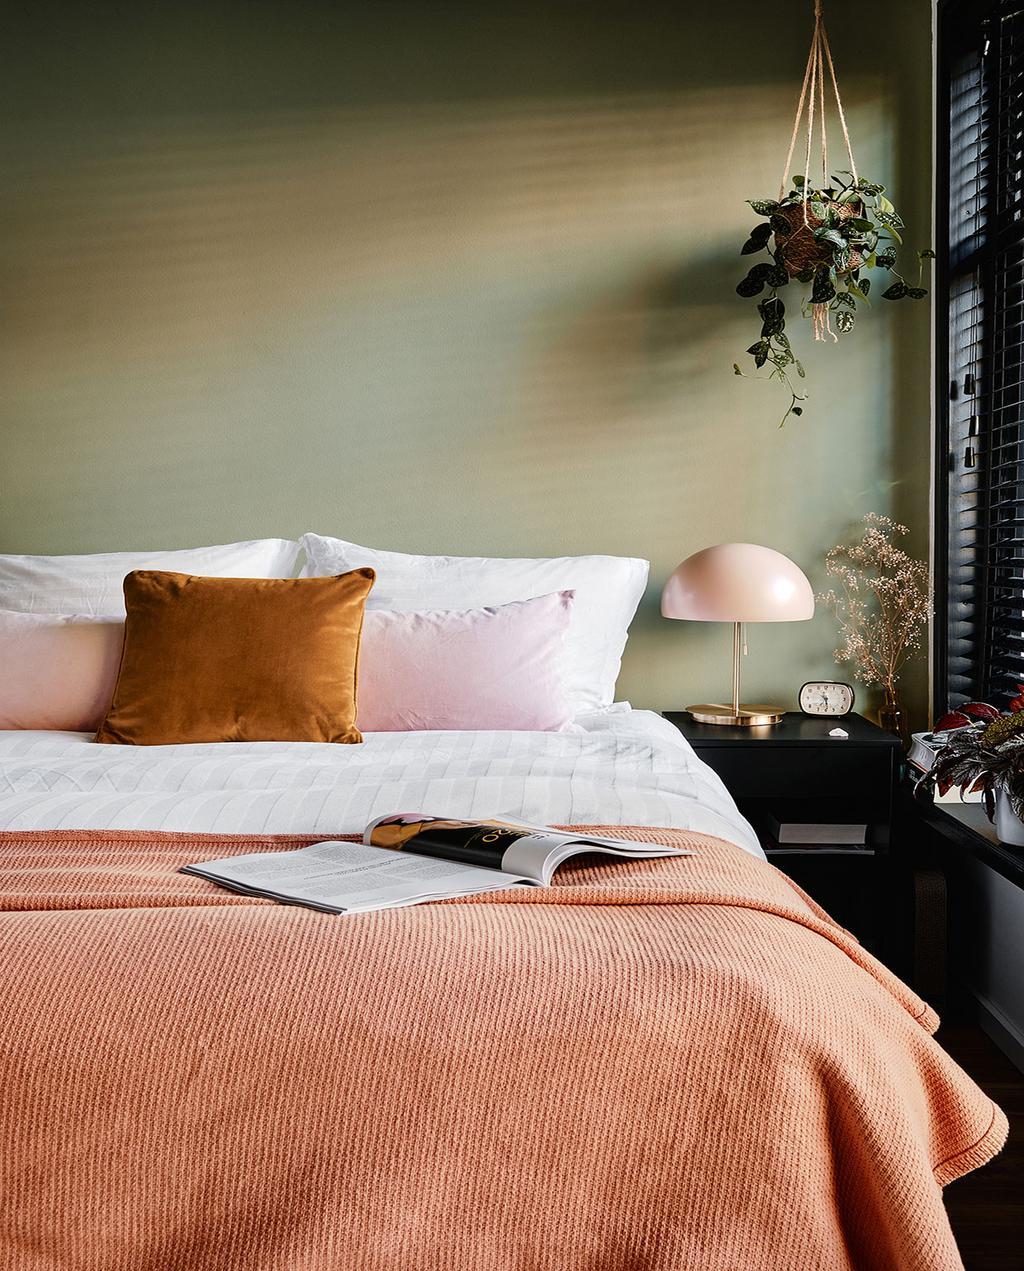 vtwonen 02-2021 | slaapkamer opgemaakt bed